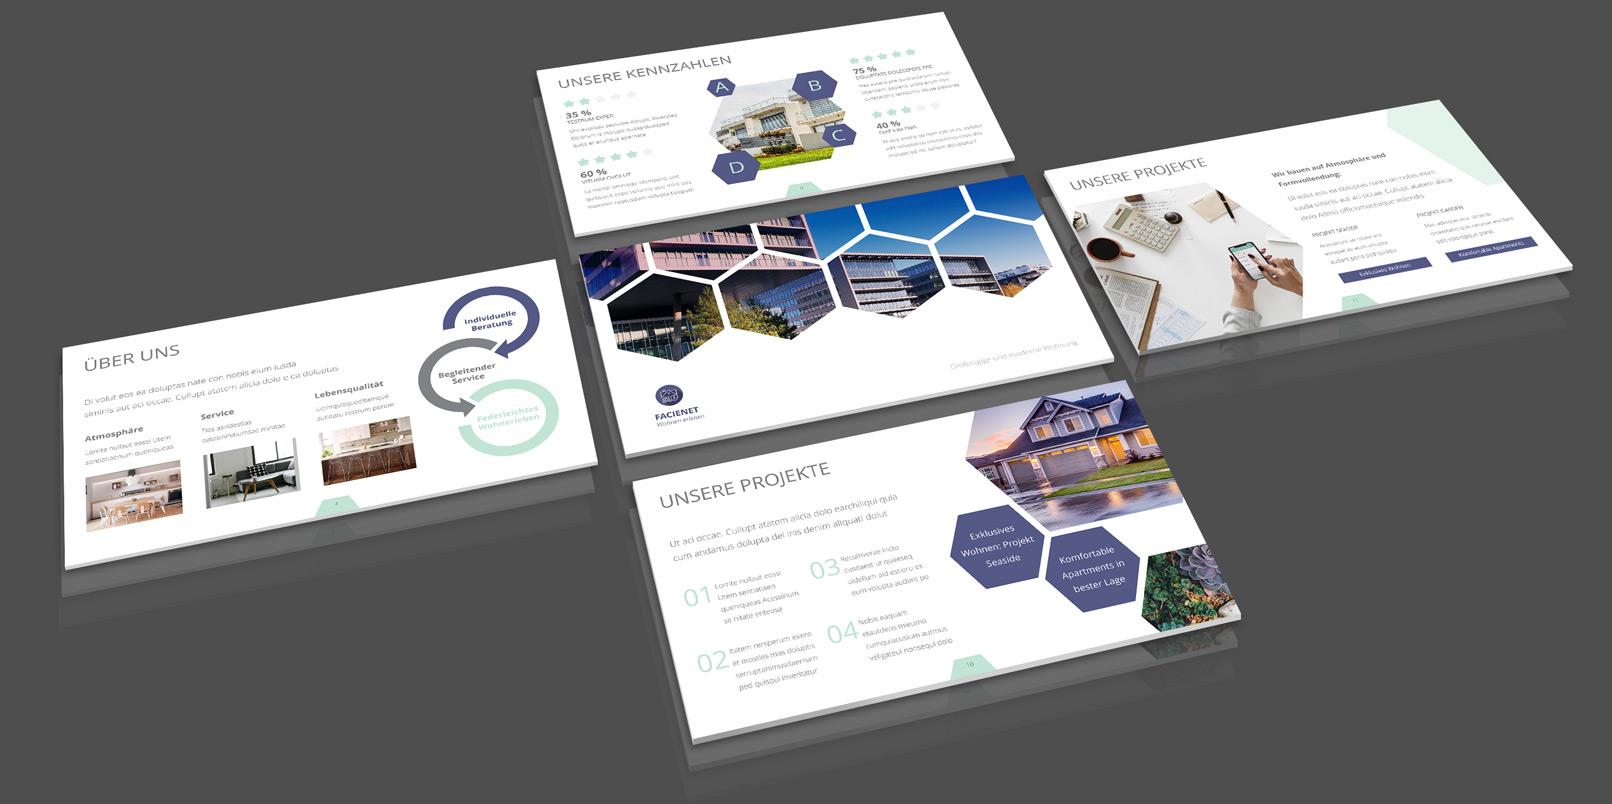 Corporate Design-Vorlagen für Immobilienfirmen und Architekturbüros: PowerPoint